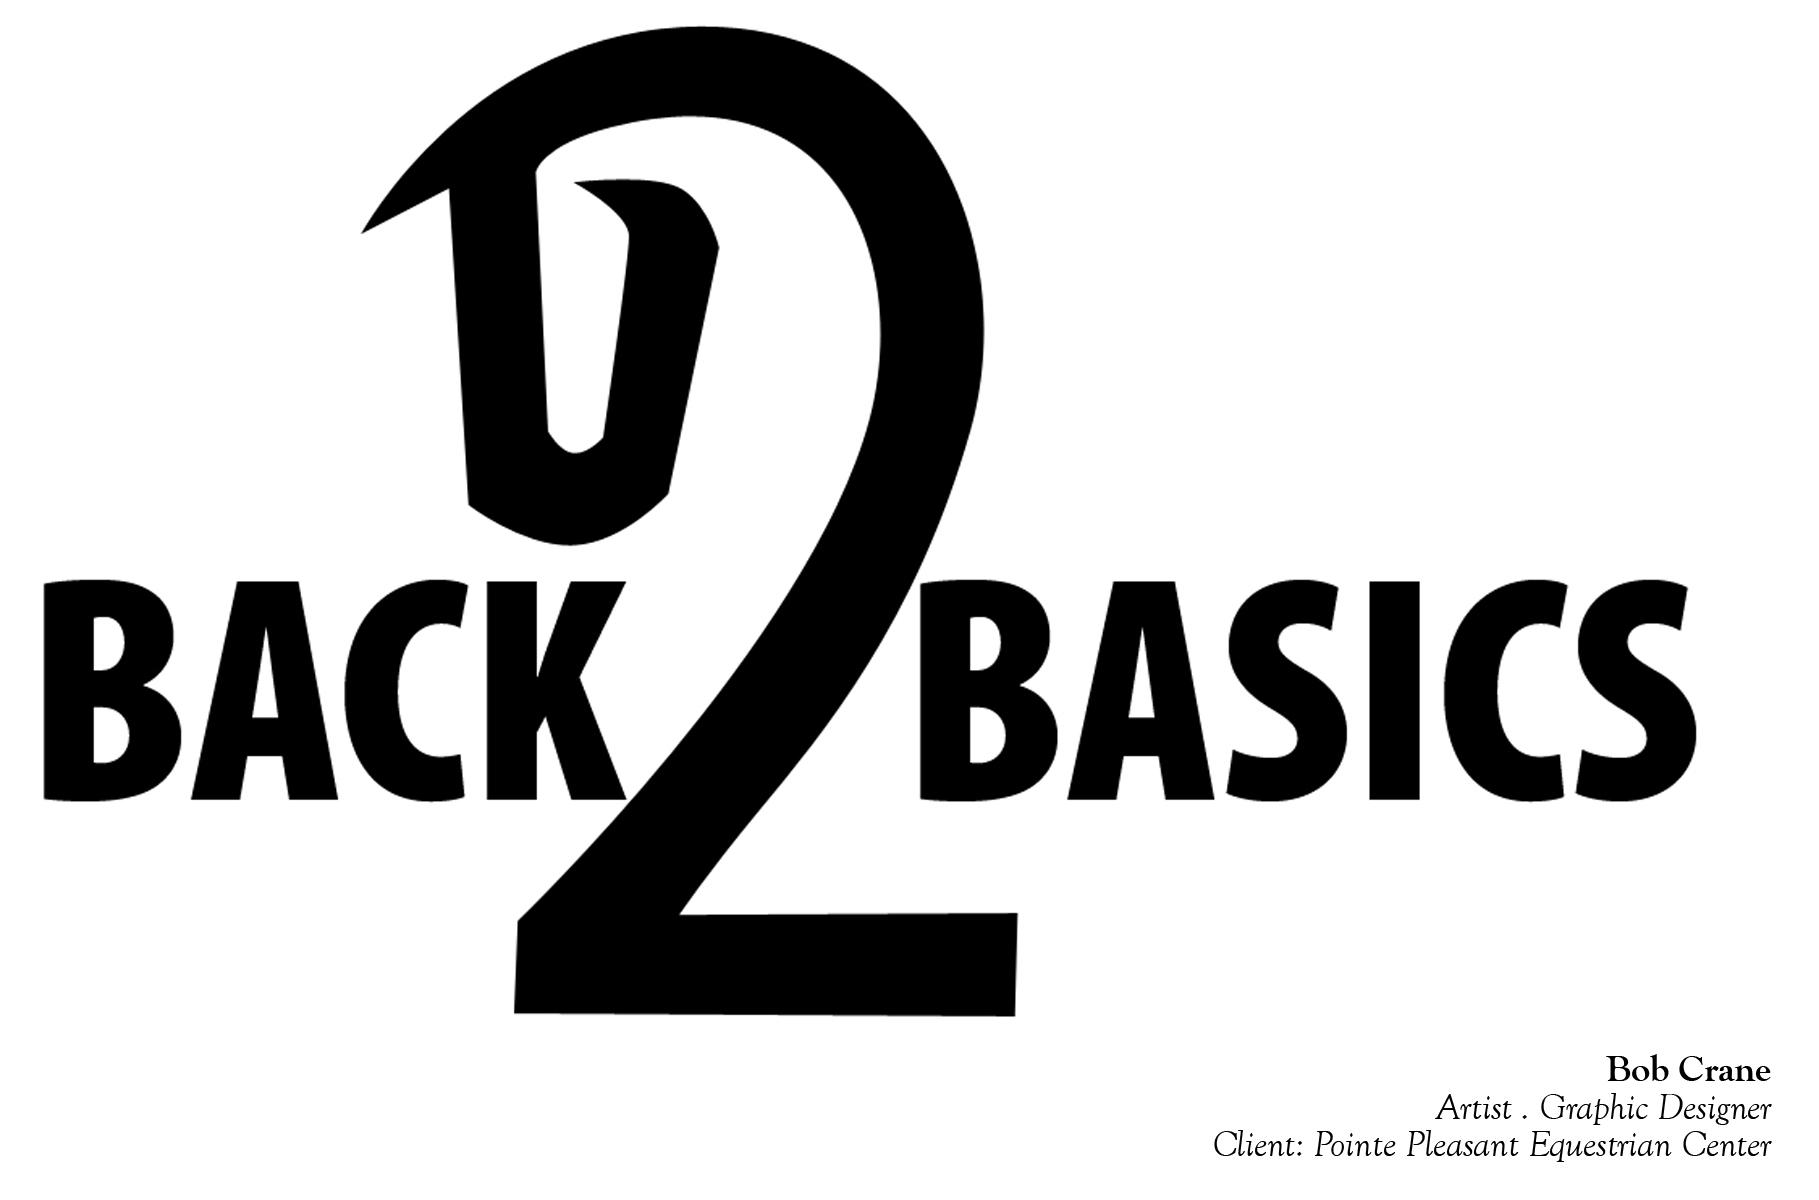 Baack 2 Basics copy.jpg